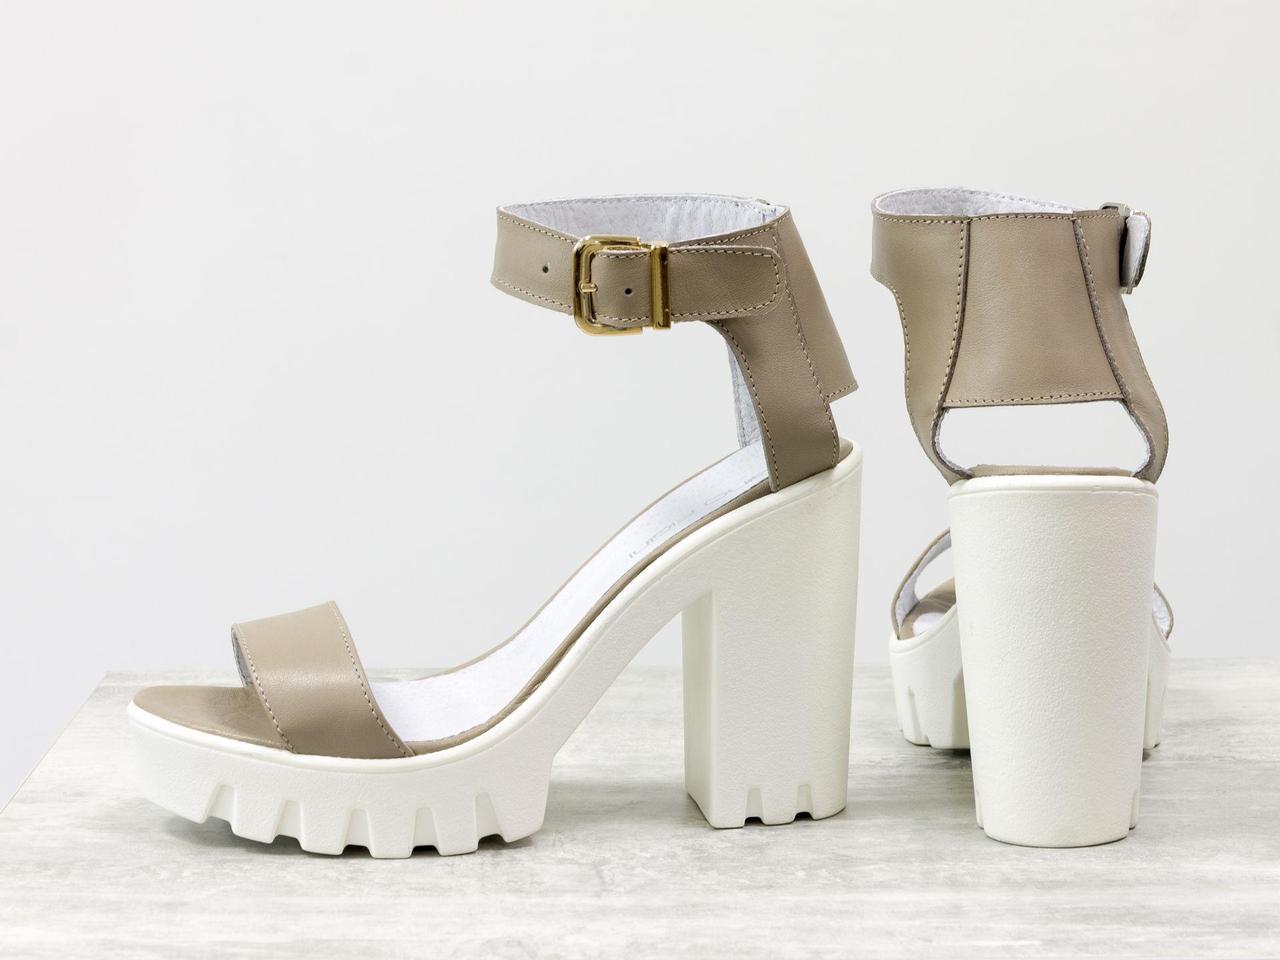 Кожаные босоножки бежевого цвета на тракторной подошве и высоком каблуке белого цвета, коллекция Весна-Лето от Gino Figini, С-503-09